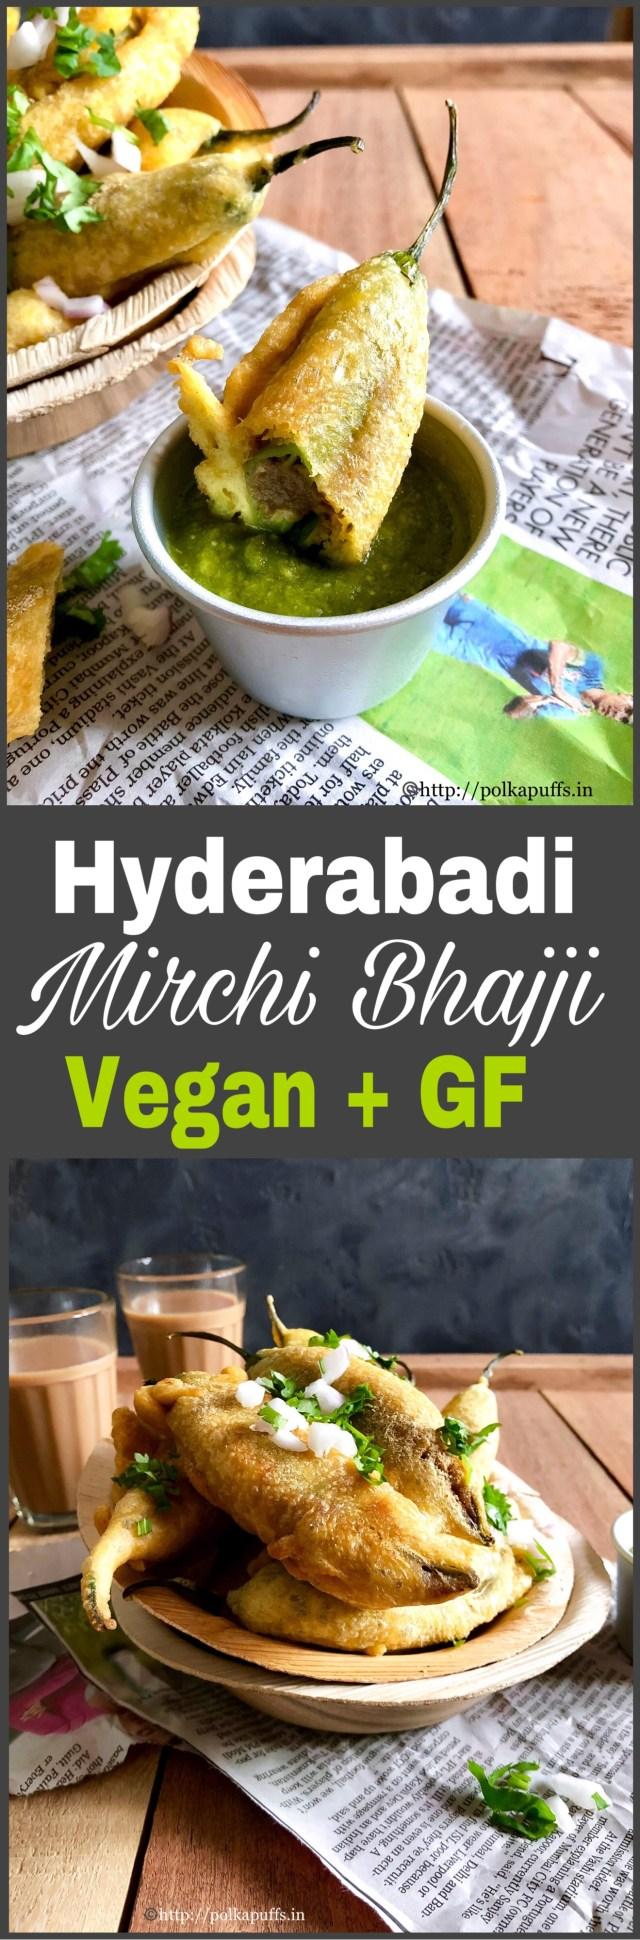 Hyderabadi Mirchi Bhajji Vegan & GF   How to make Hyderabadi Mirchi Wada